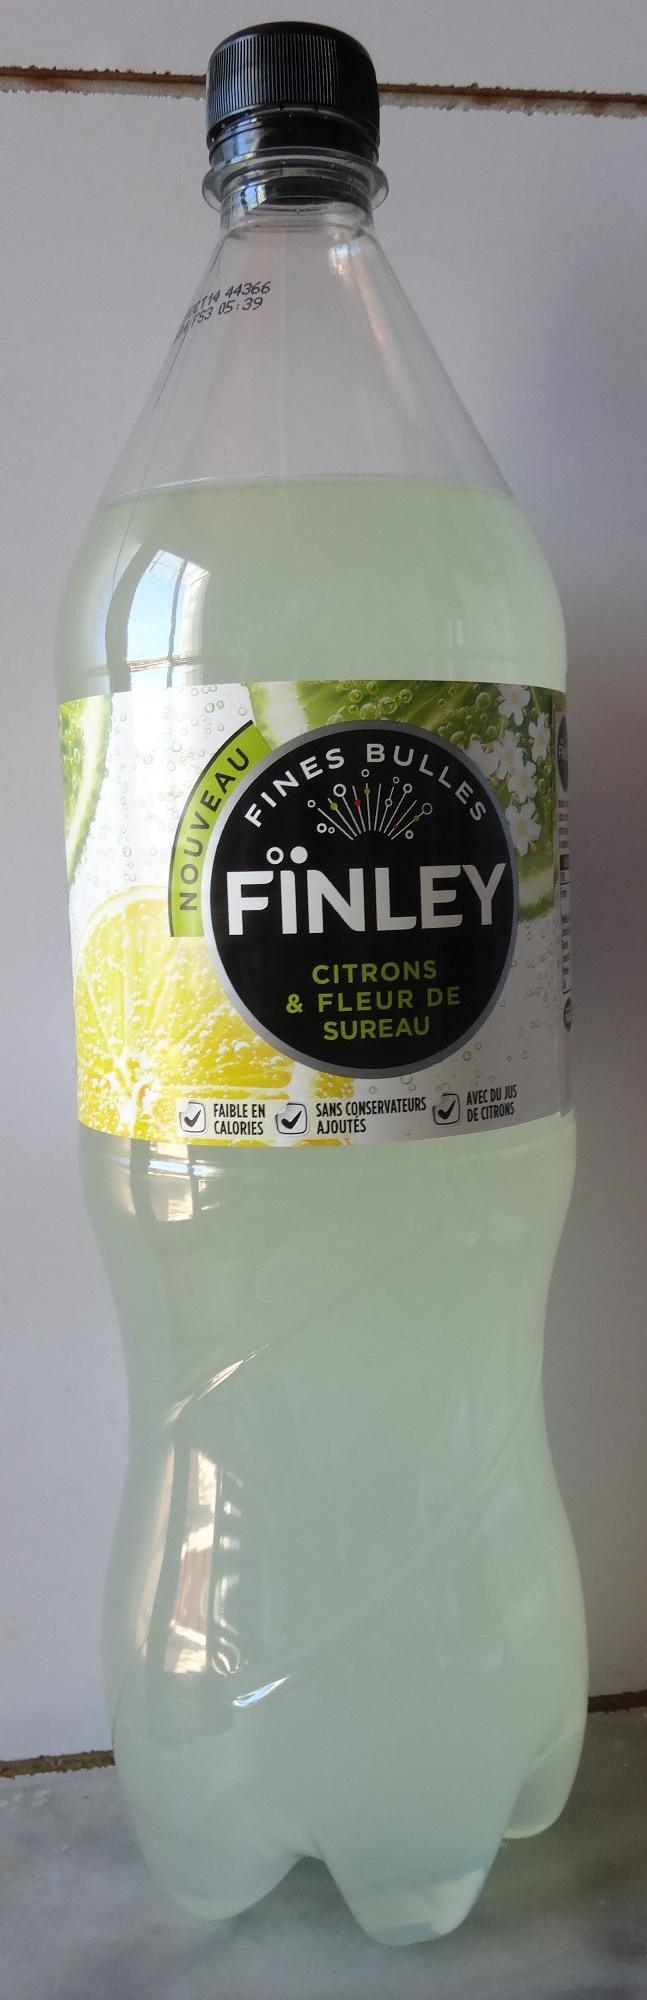 finley citrons fleur de sureau 1 5 l. Black Bedroom Furniture Sets. Home Design Ideas